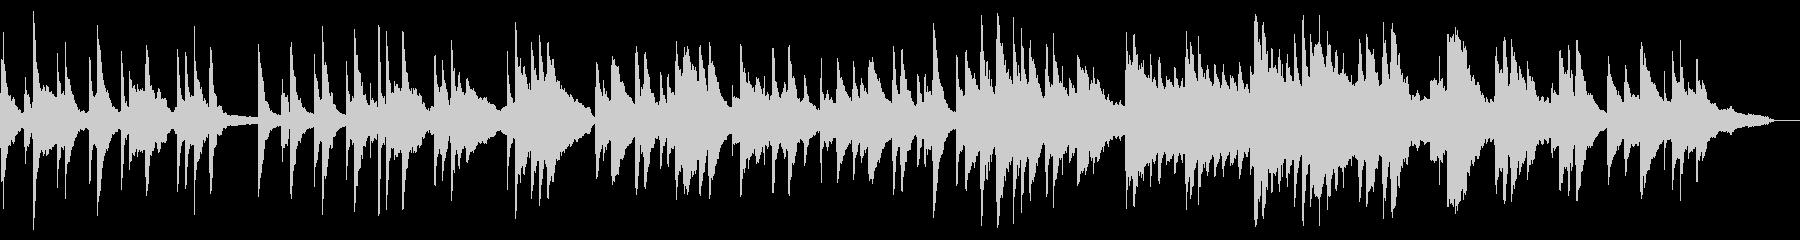 高音質で音数少なく美しいピアノバラードの未再生の波形